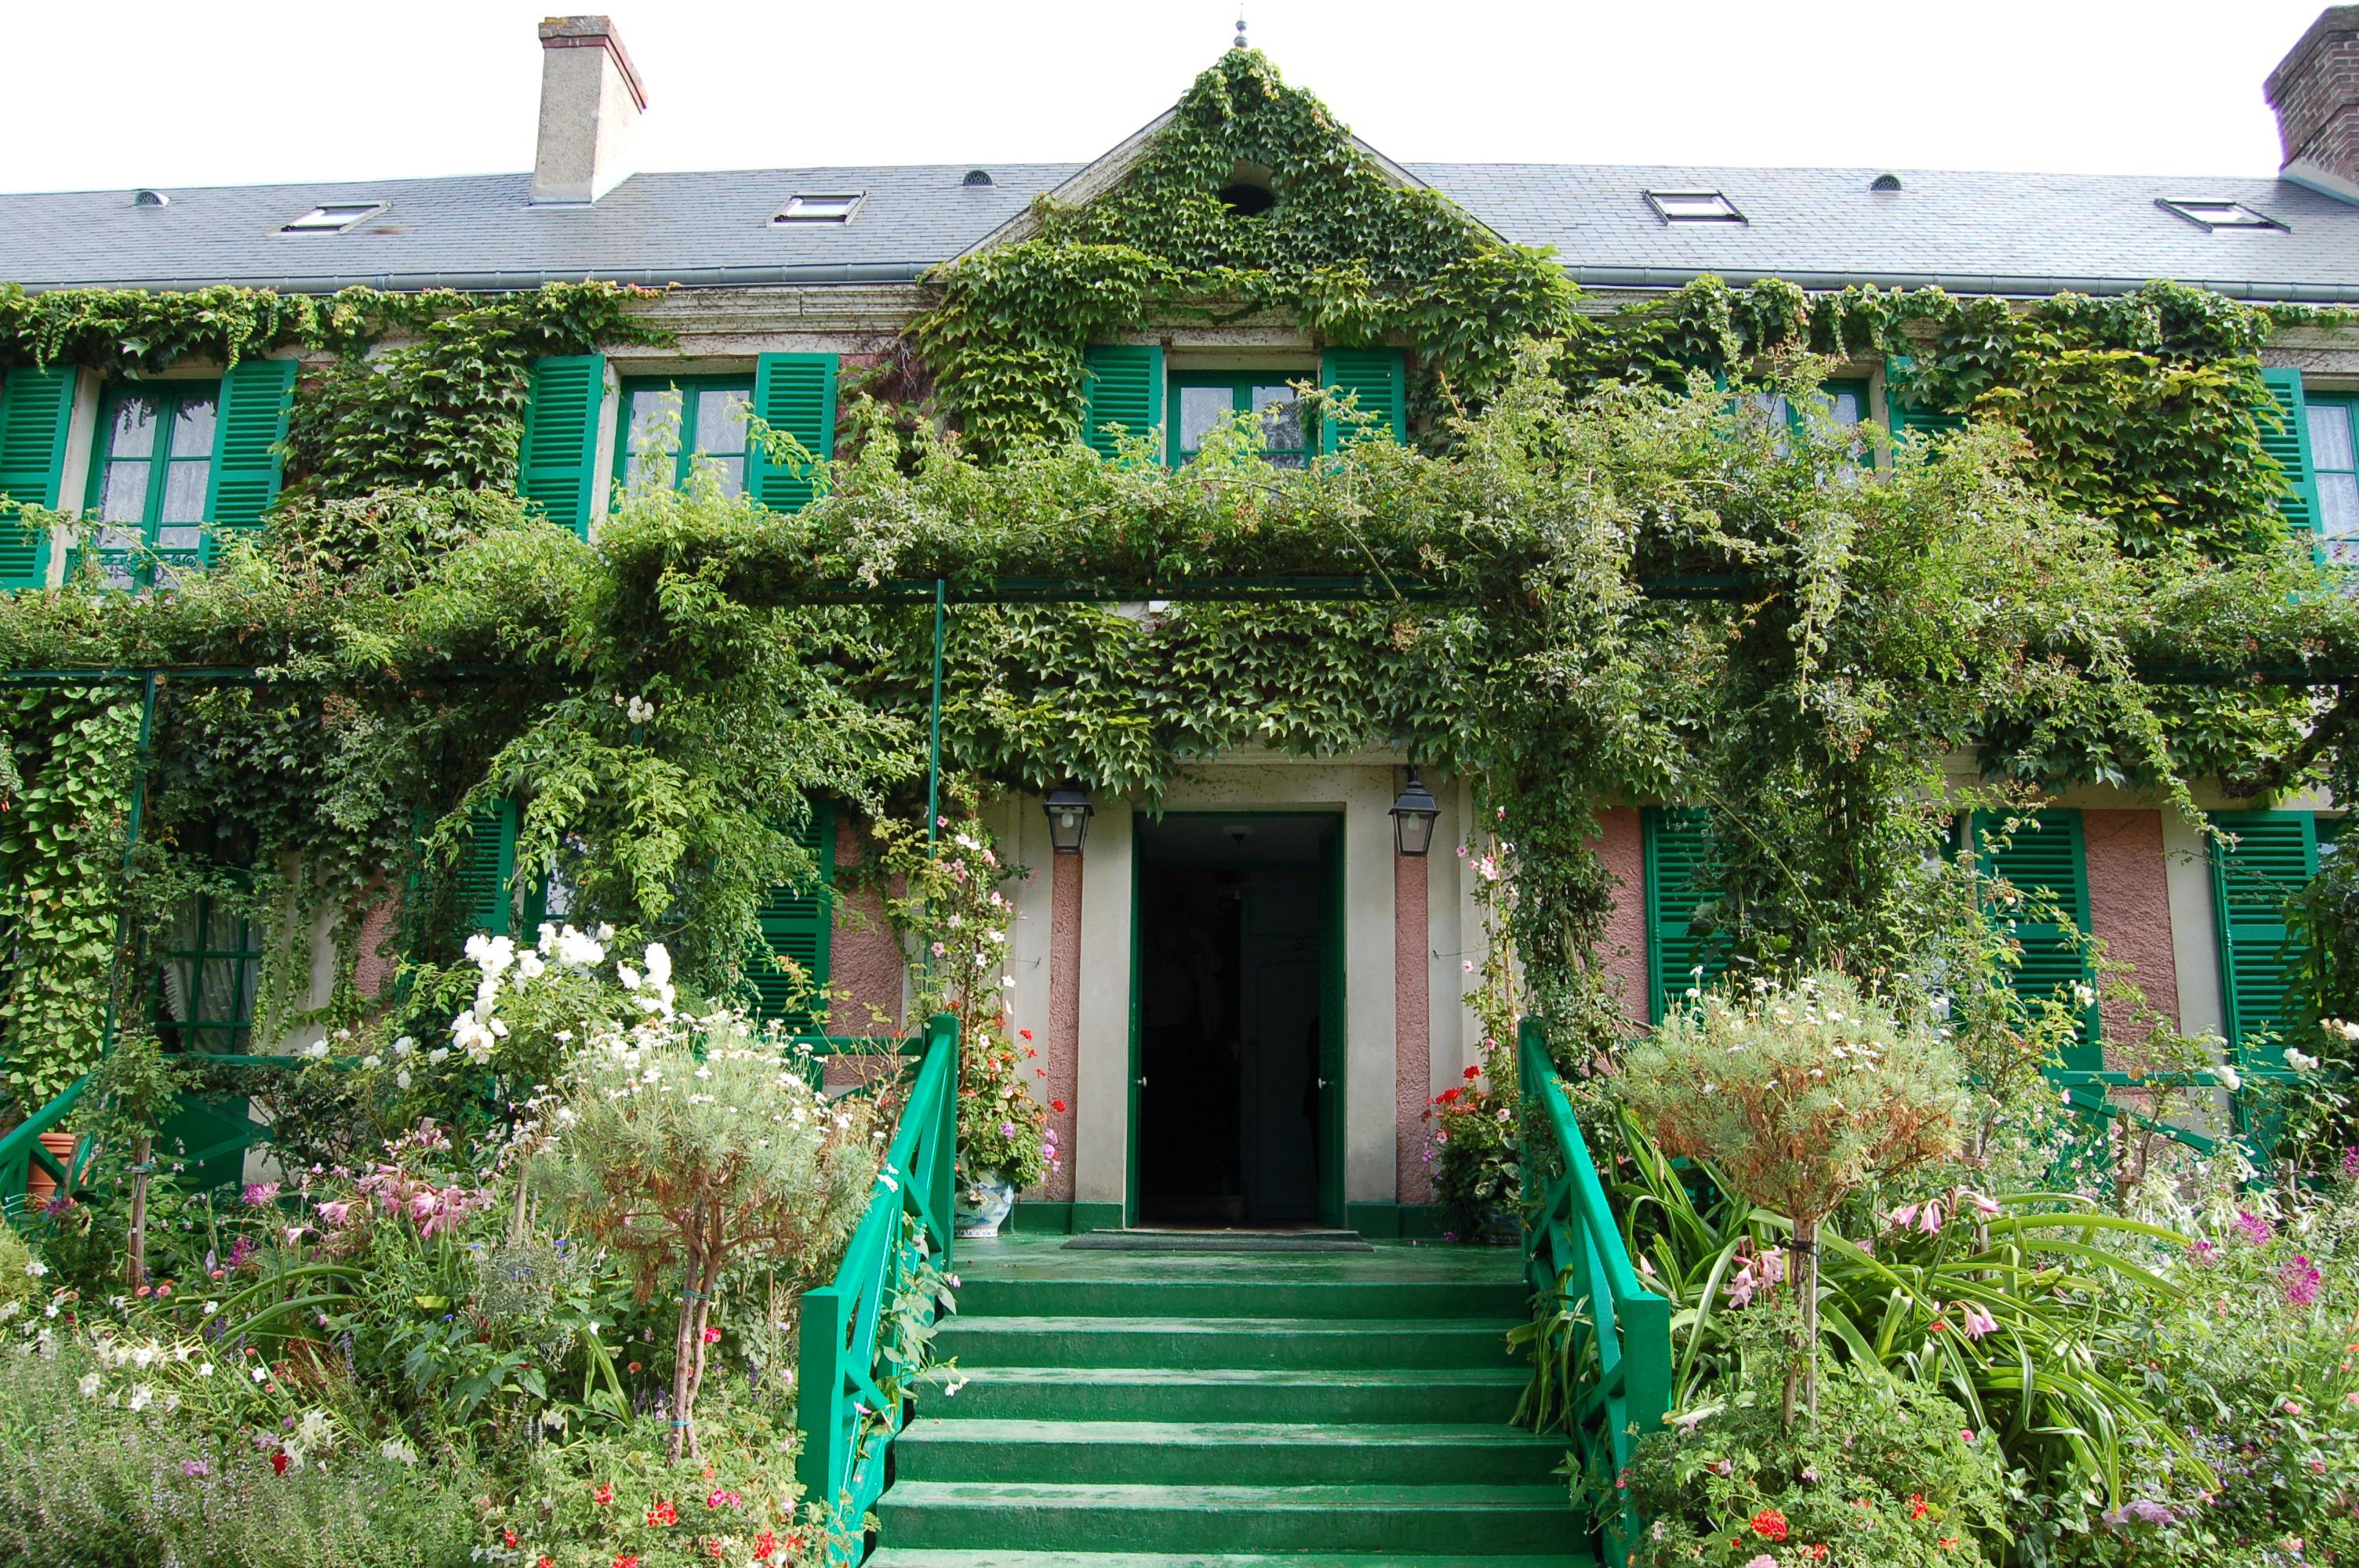 Το σπίτι του Μονέ στο Ζιβερνί